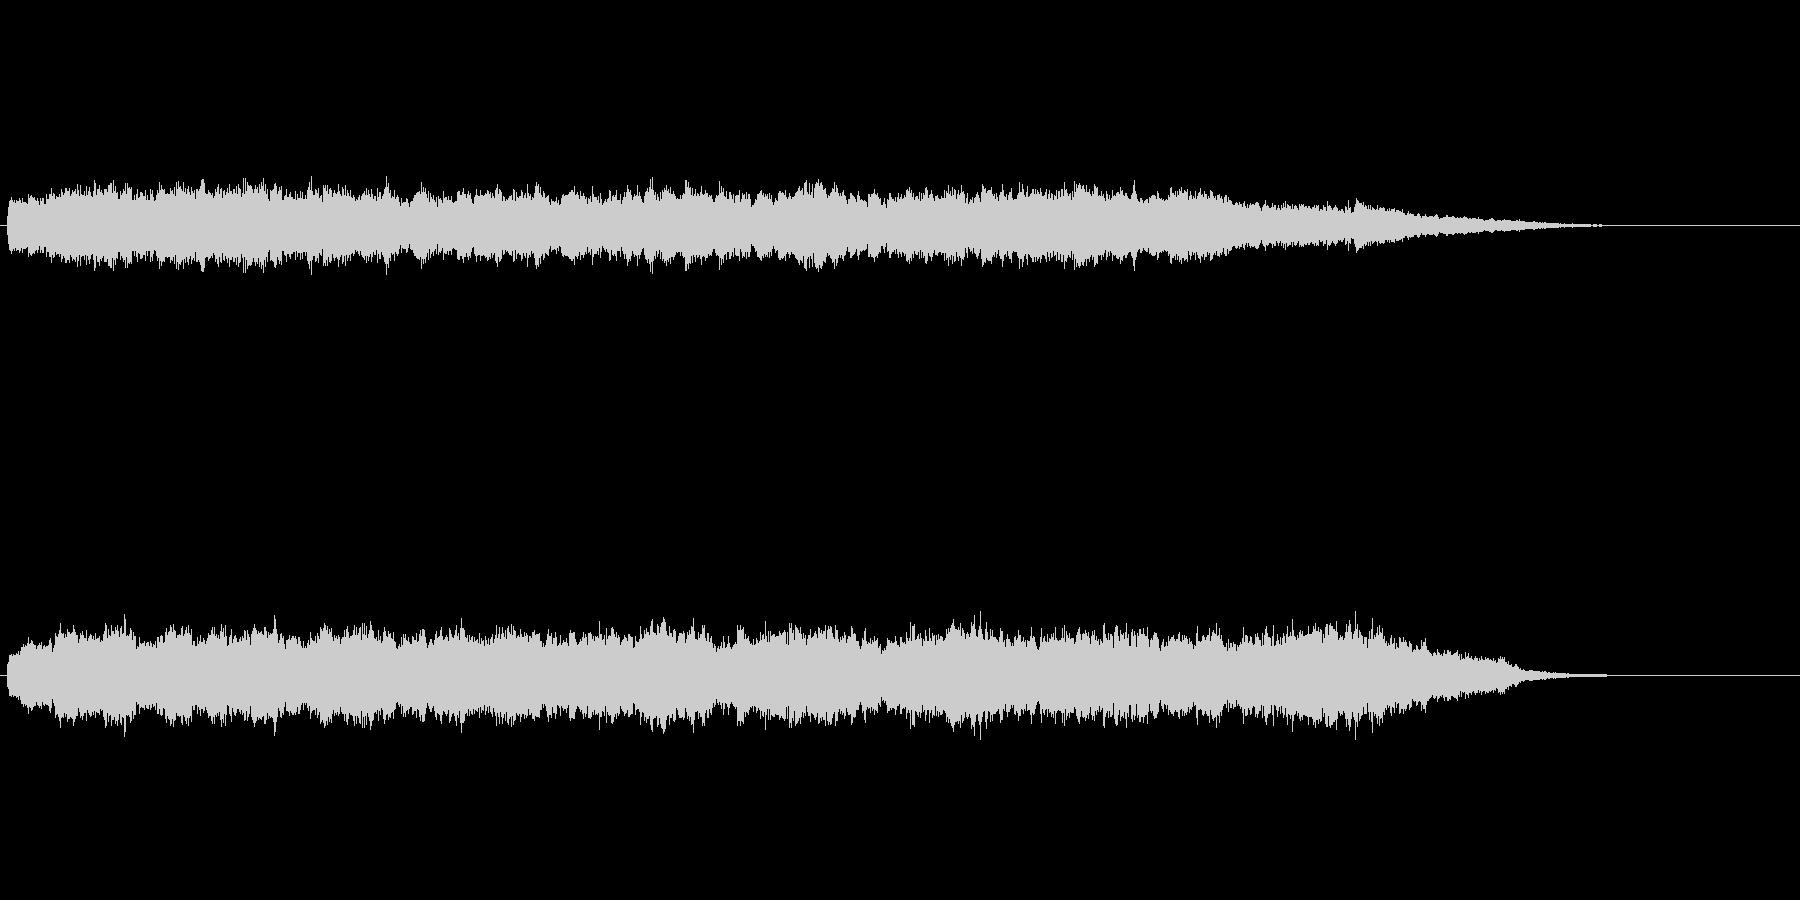 きらきらした音の二十秒サウンドロゴの未再生の波形